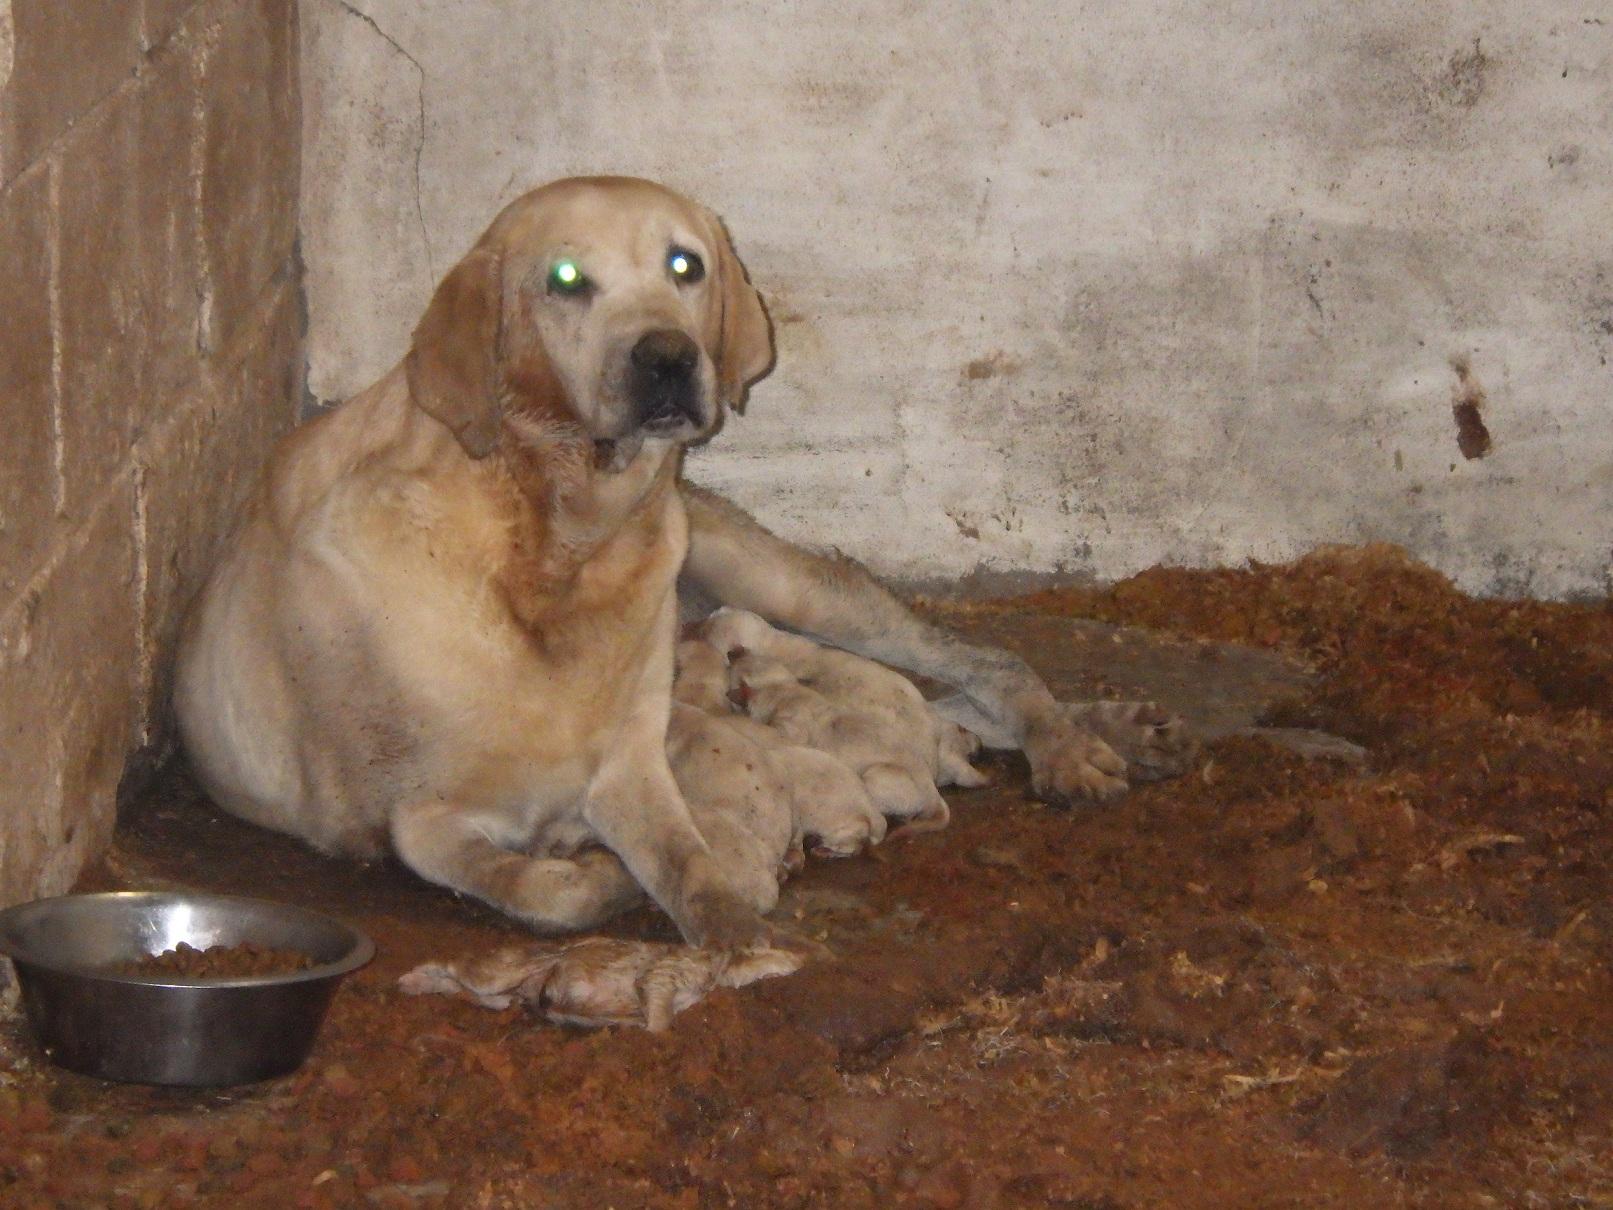 Illegal puppy breeder